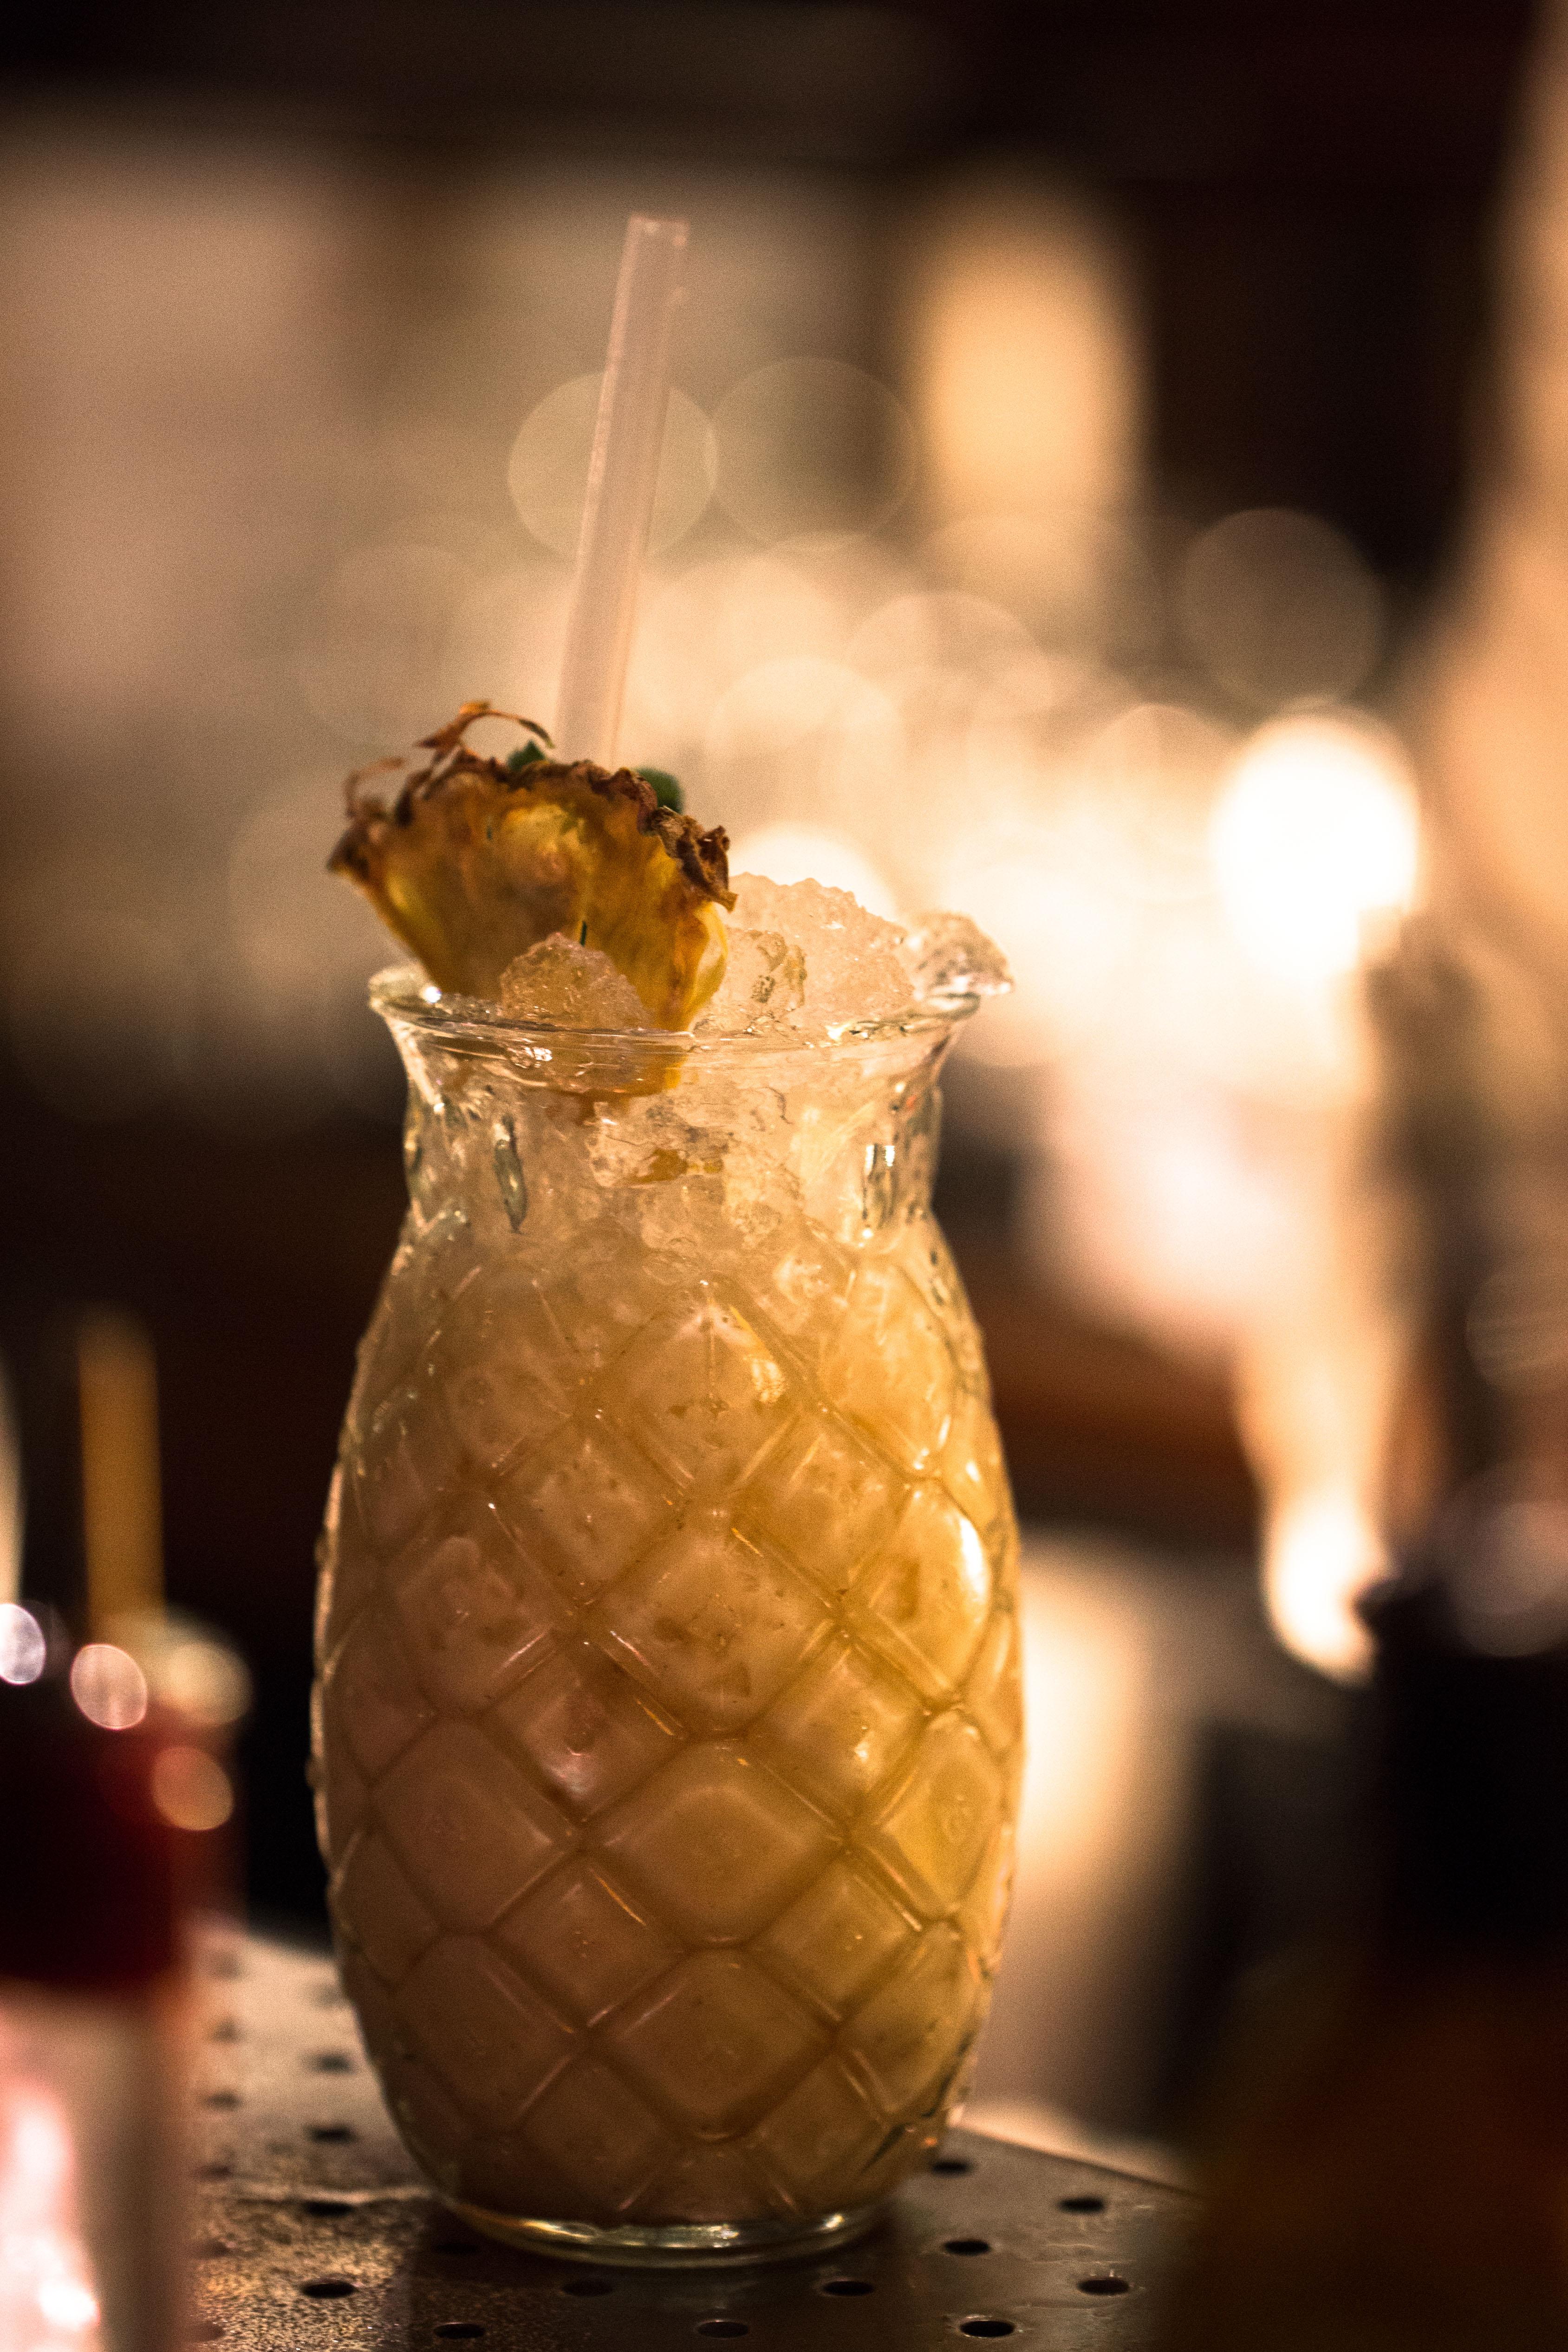 cocktail-fannygaudin-5173